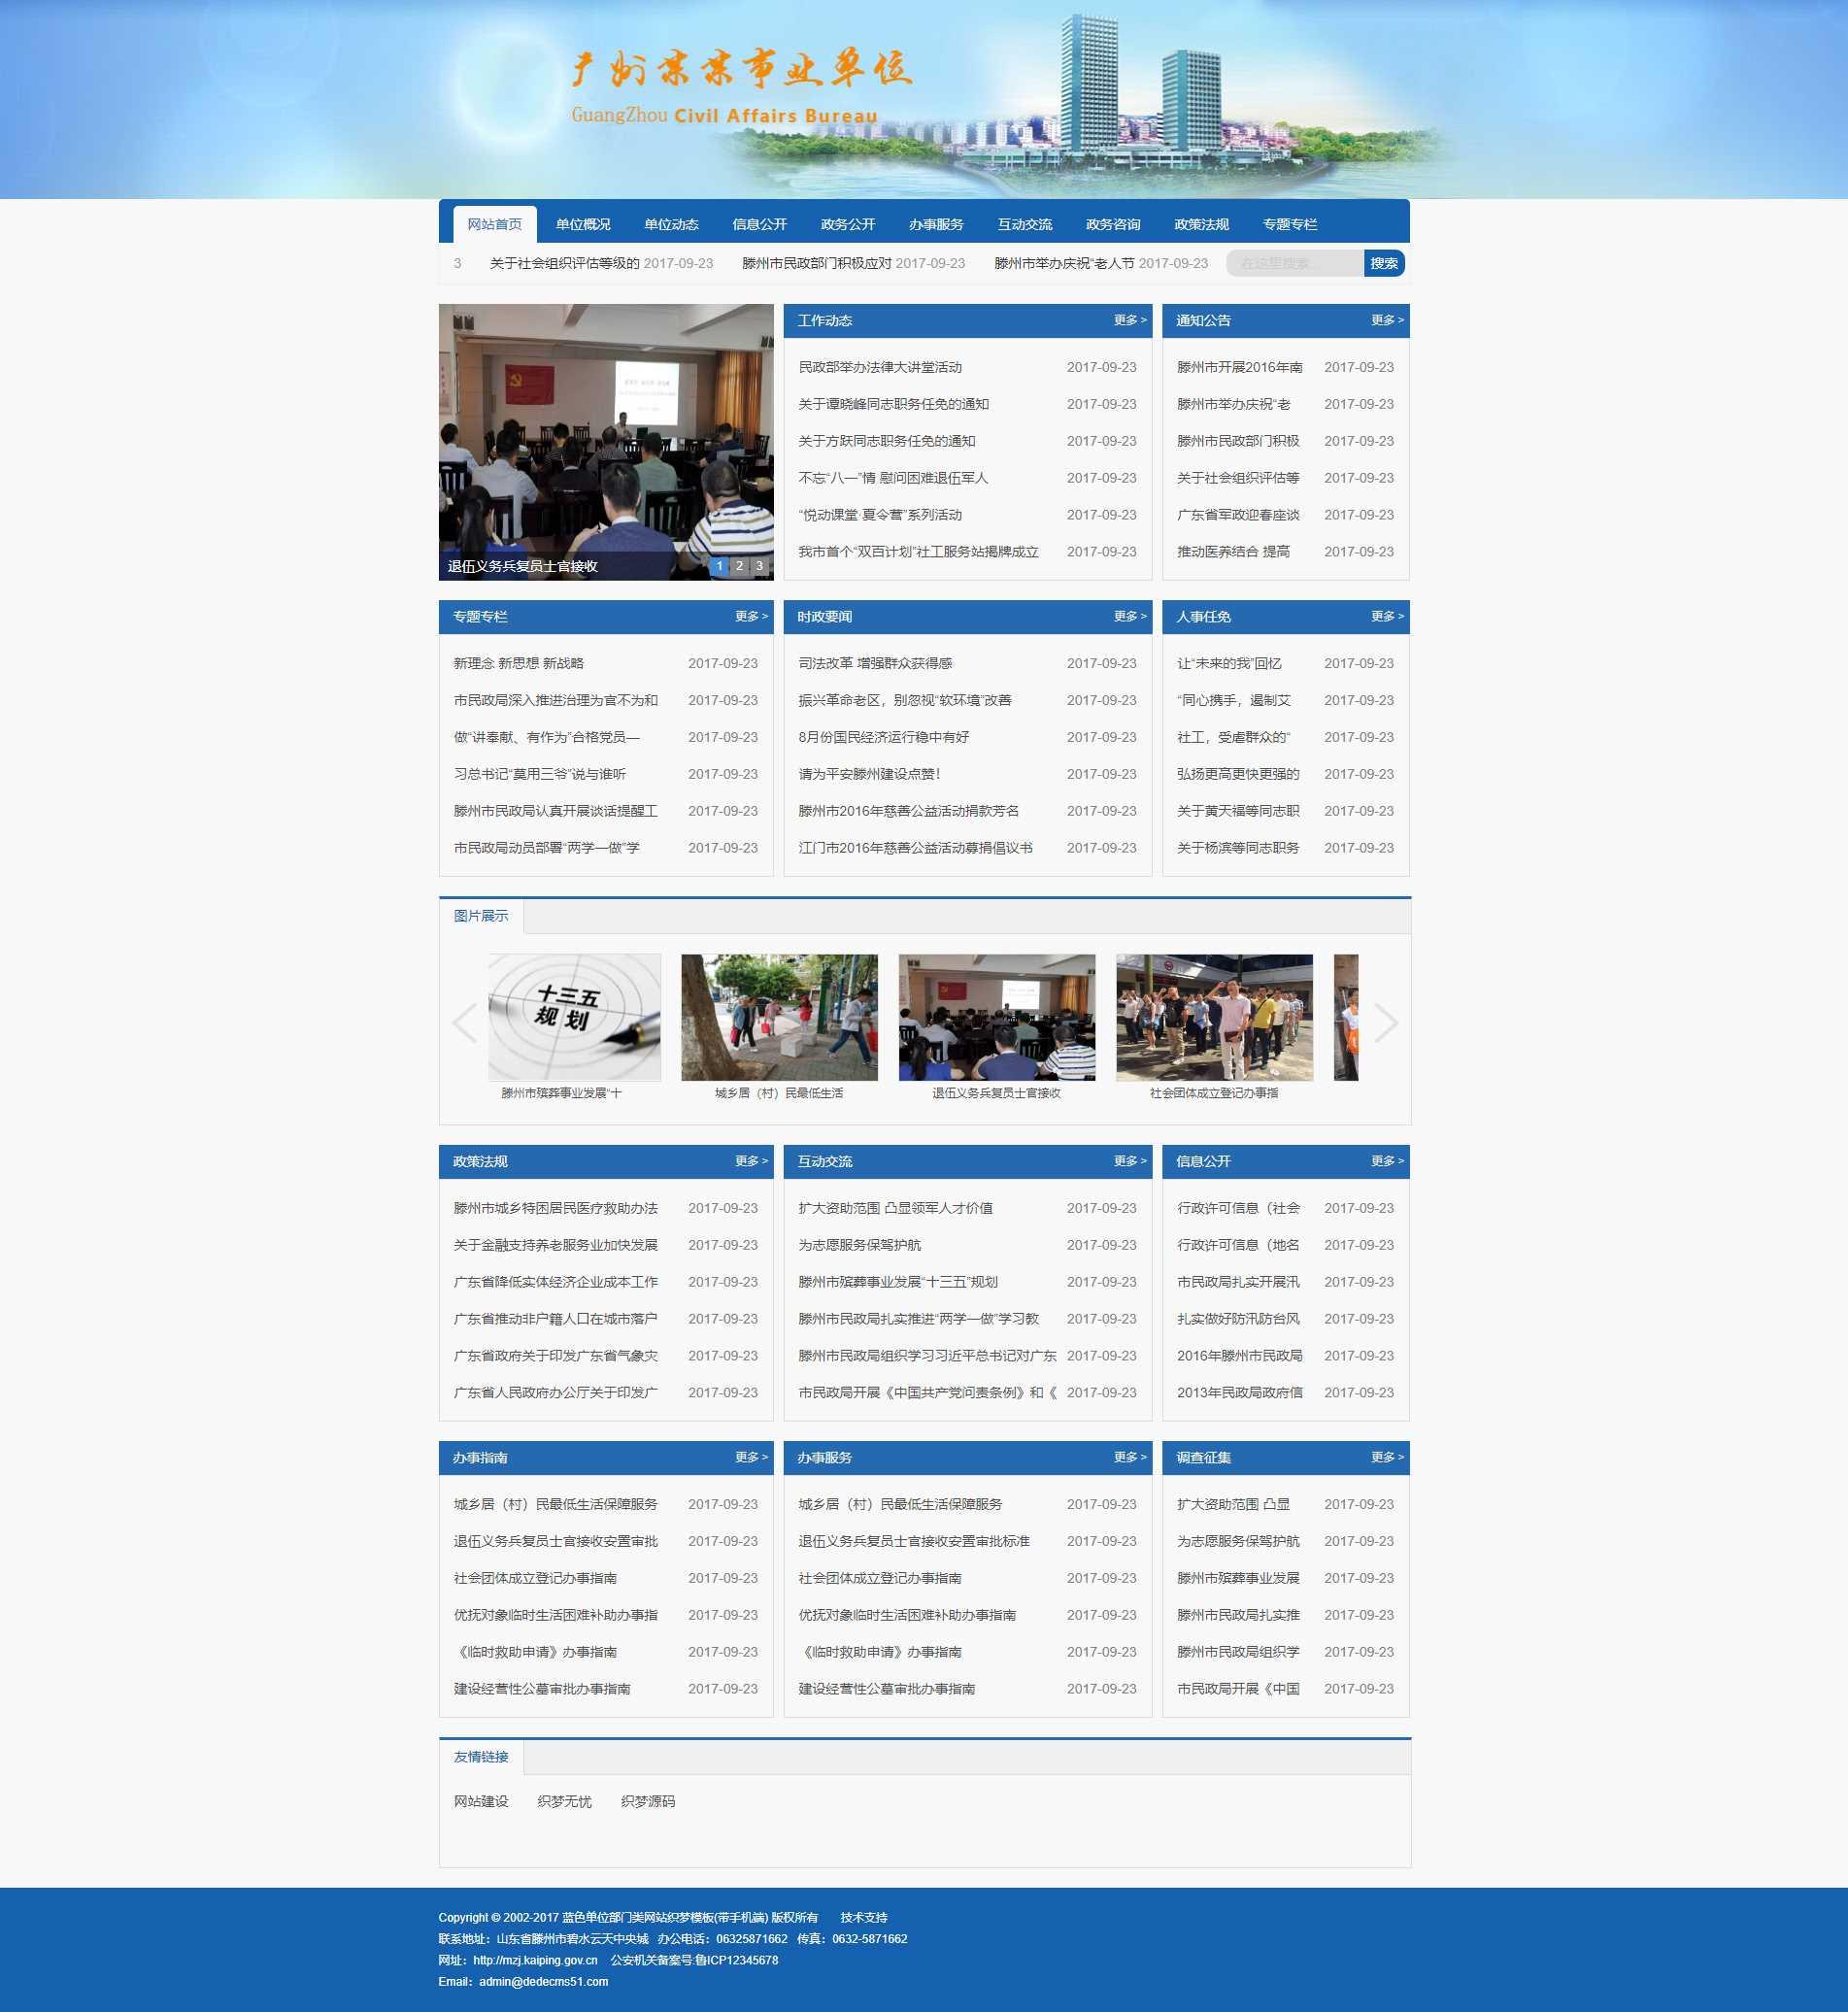 织梦模板政府部门民政机关事业单位网站dede模版下载源代码带移动端插图